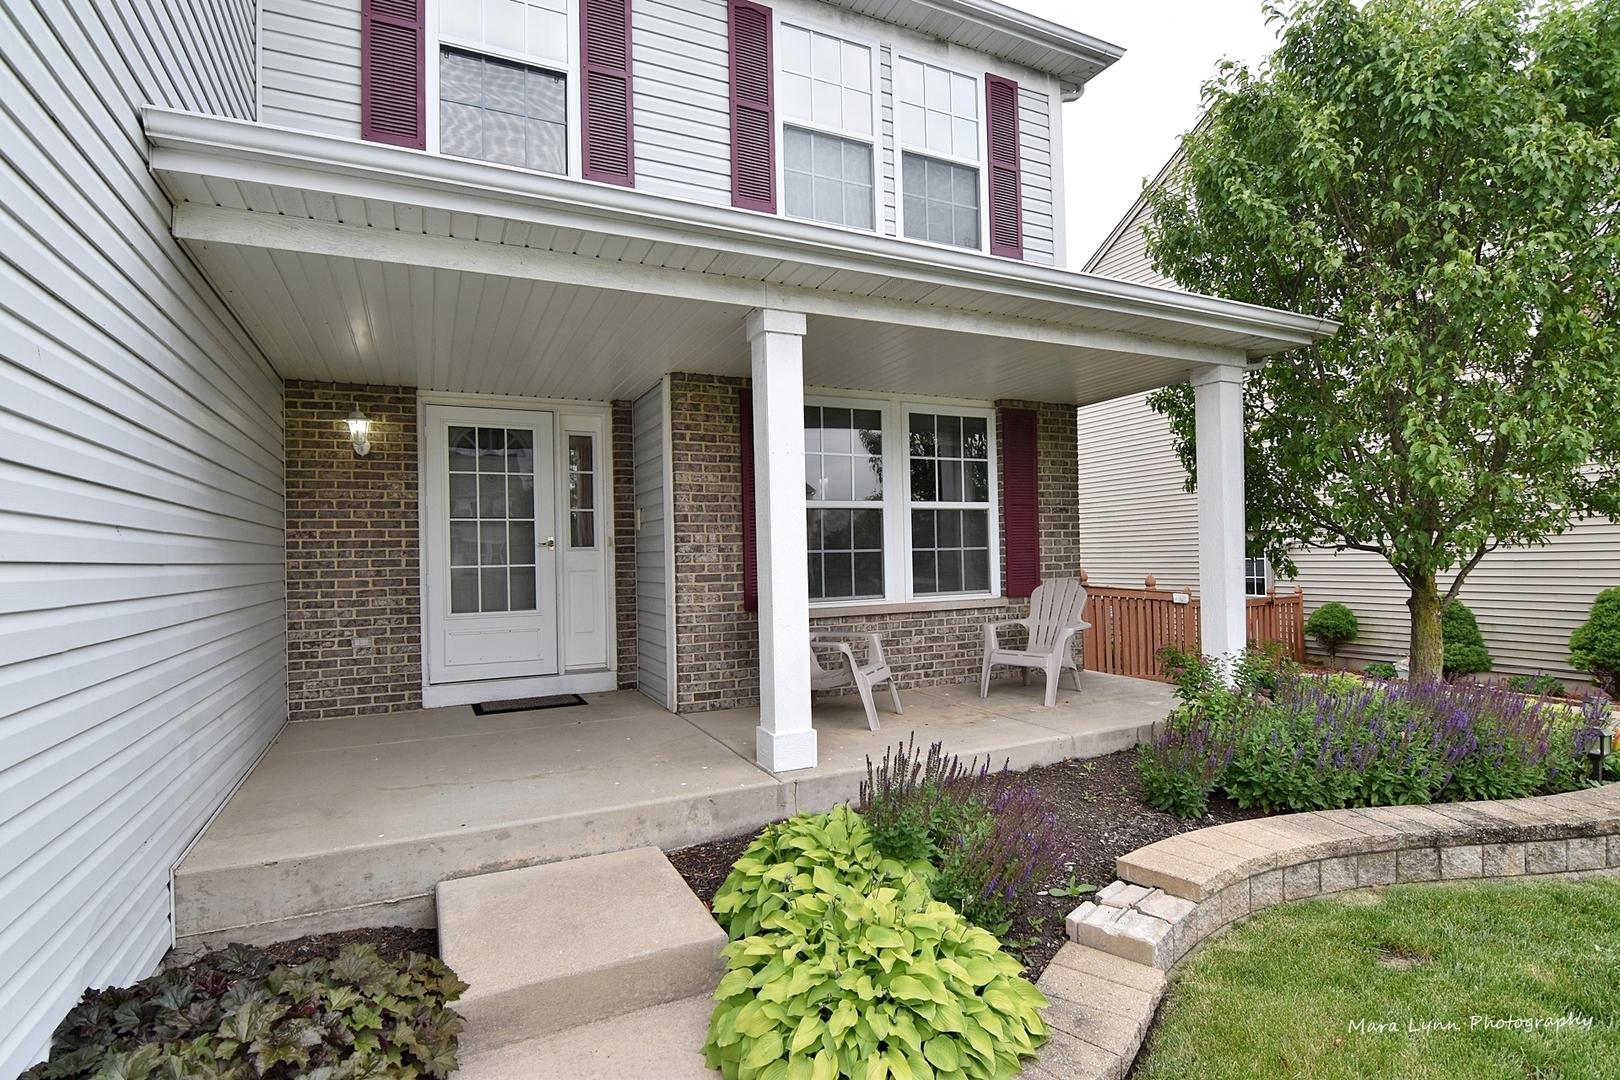 1127 Kendall, ELBURN, Illinois, 60119